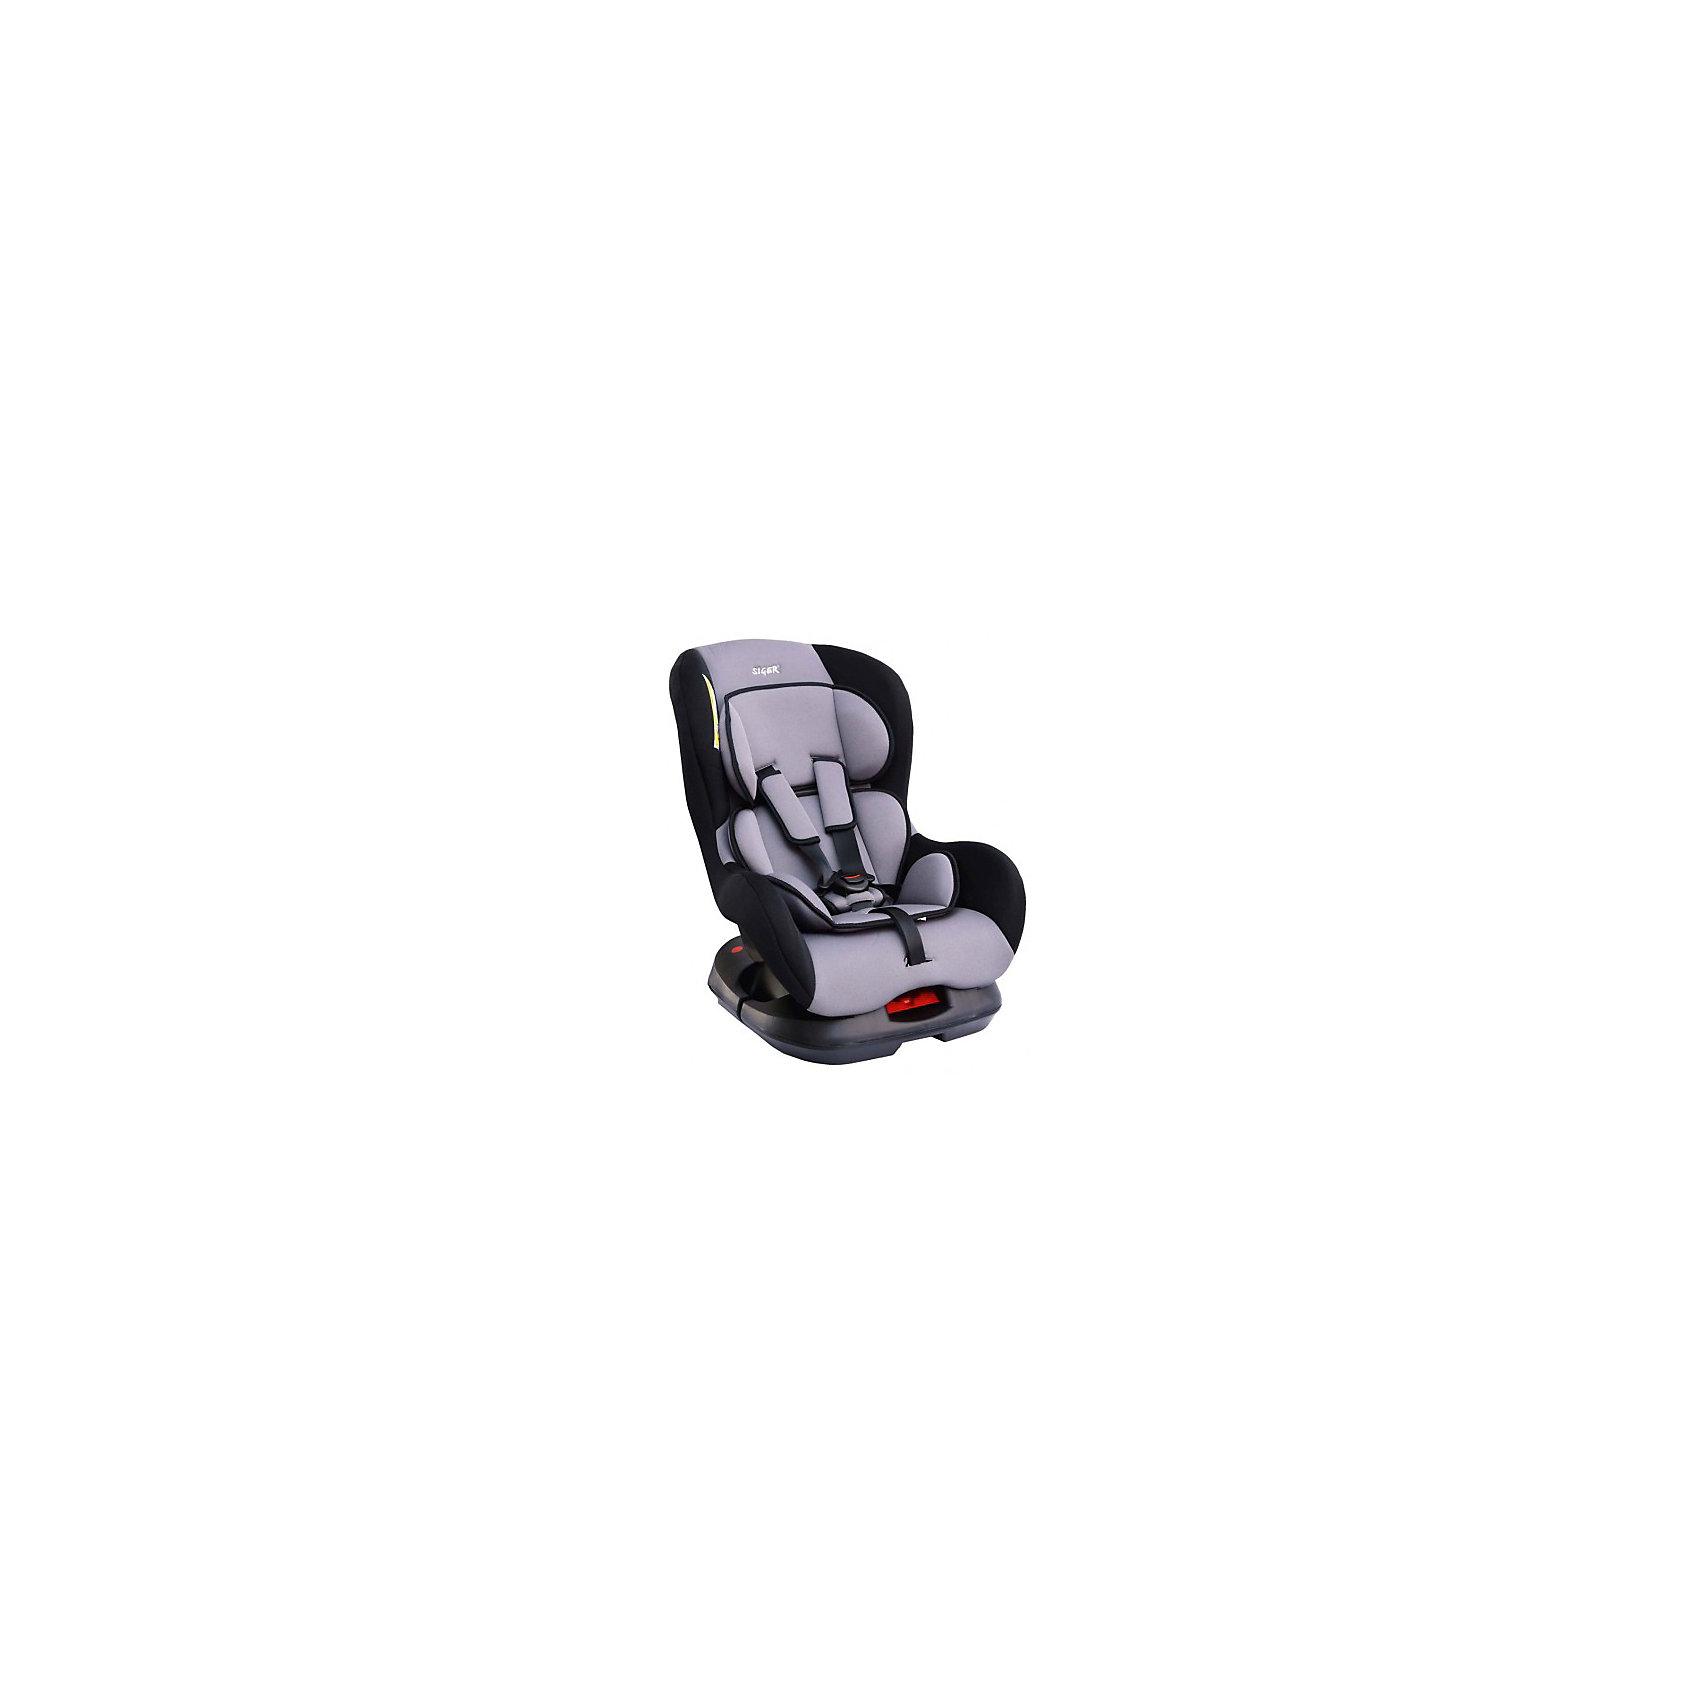 Автокресло Наутилиус 0-18 кг., Siger, серыйSiger Nautilus это качественное и функциональное автокресло для детей от 0 месяцев до 4 лет. Кресло оснащено прочным замком для ремней, которые регулируются по высоте и глубине. Наклон спинки кресла удобно регулируется в пяти различных положениях. Чехол выполнен из гипоаллергенной ткани, которая легко поддается чистке.<br><br>Дополнительная информация:<br><br>- Материал: текстиль, пластик, металл.<br>- Размер: 62x62x45 см<br>- Возраст: от 0 месяцев до 4 лет<br>- Группа: 0/1 (до 18 кг)<br>- Вес кресла: 7.1 кг<br>- Внутренние 5-точечные ремни безопасности<br>- 5 положений регулировки наклона кресла<br><br>Автокресло Наутилиус 0-18 кг., Siger, серый можно купить в нашем интернет-магазине.<br><br>Ширина мм: 620<br>Глубина мм: 450<br>Высота мм: 620<br>Вес г: 5800<br>Возраст от месяцев: 0<br>Возраст до месяцев: 48<br>Пол: Унисекс<br>Возраст: Детский<br>SKU: 4809116